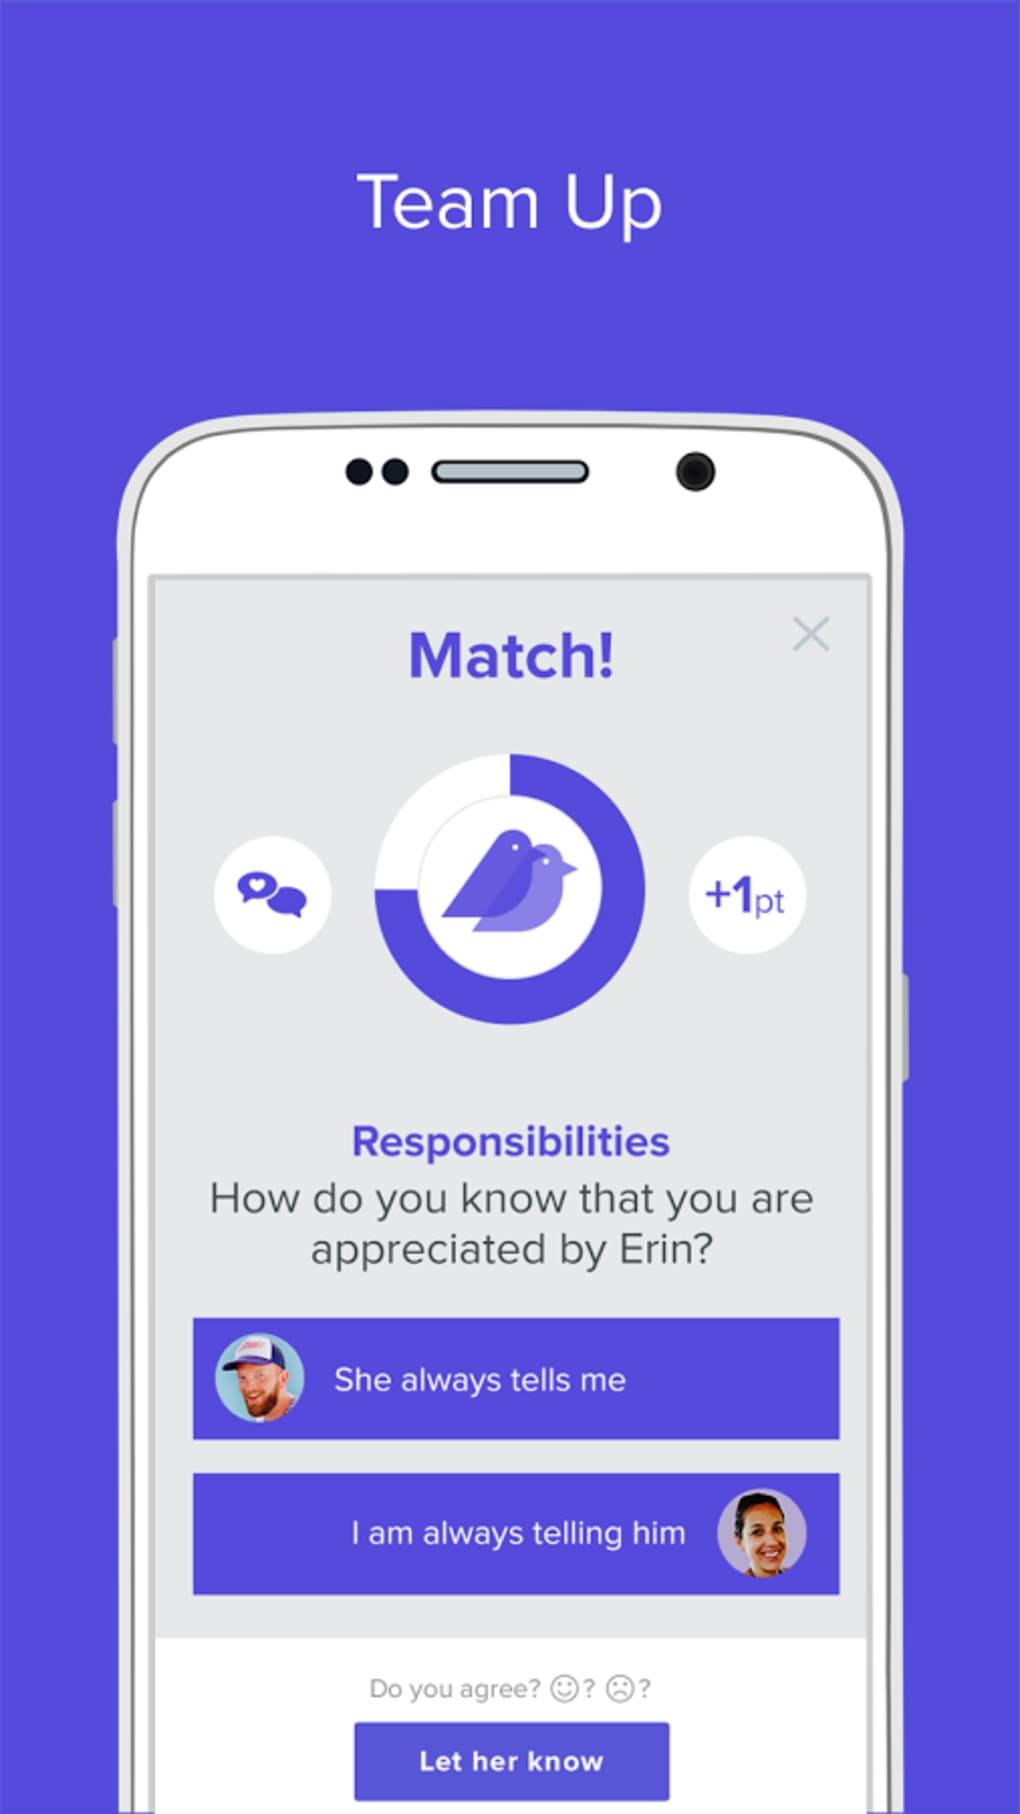 Persönliche Anzeige für eine Dating-Agentur